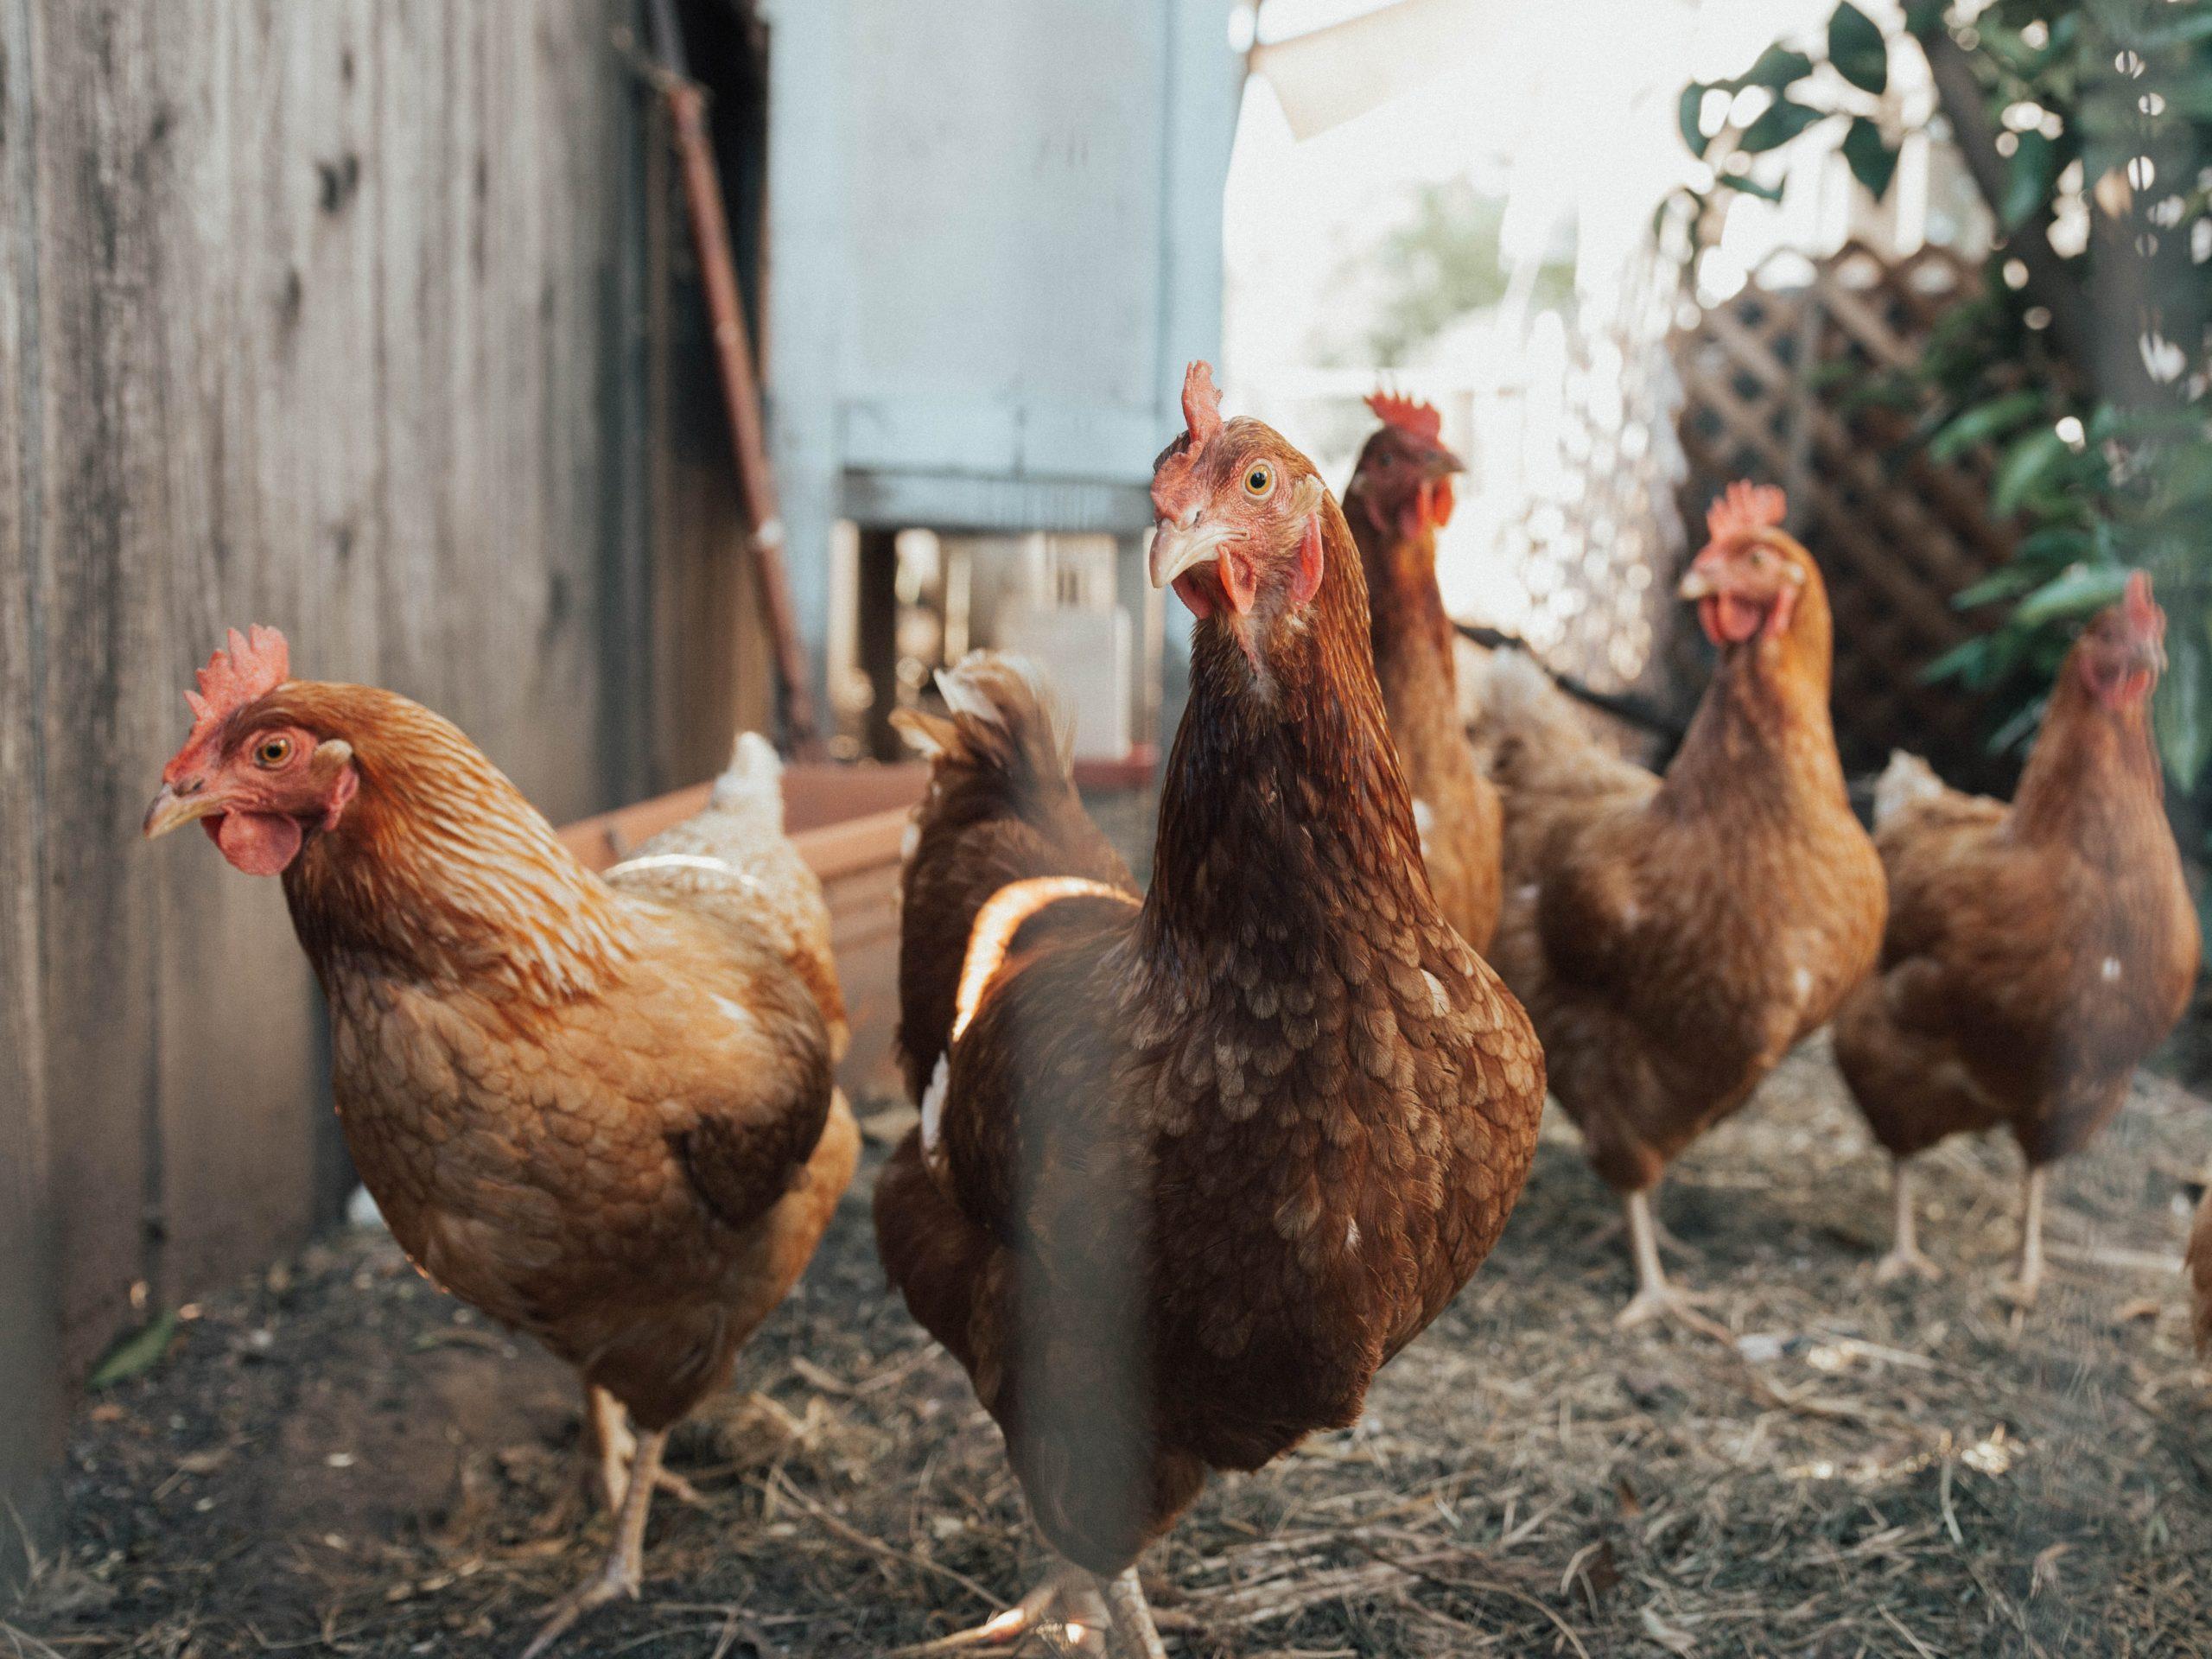 poulorama-huiles-essentielles-cannelle-origan-un-antibiotique-naturel-pour-les-poules-et-les-volailles